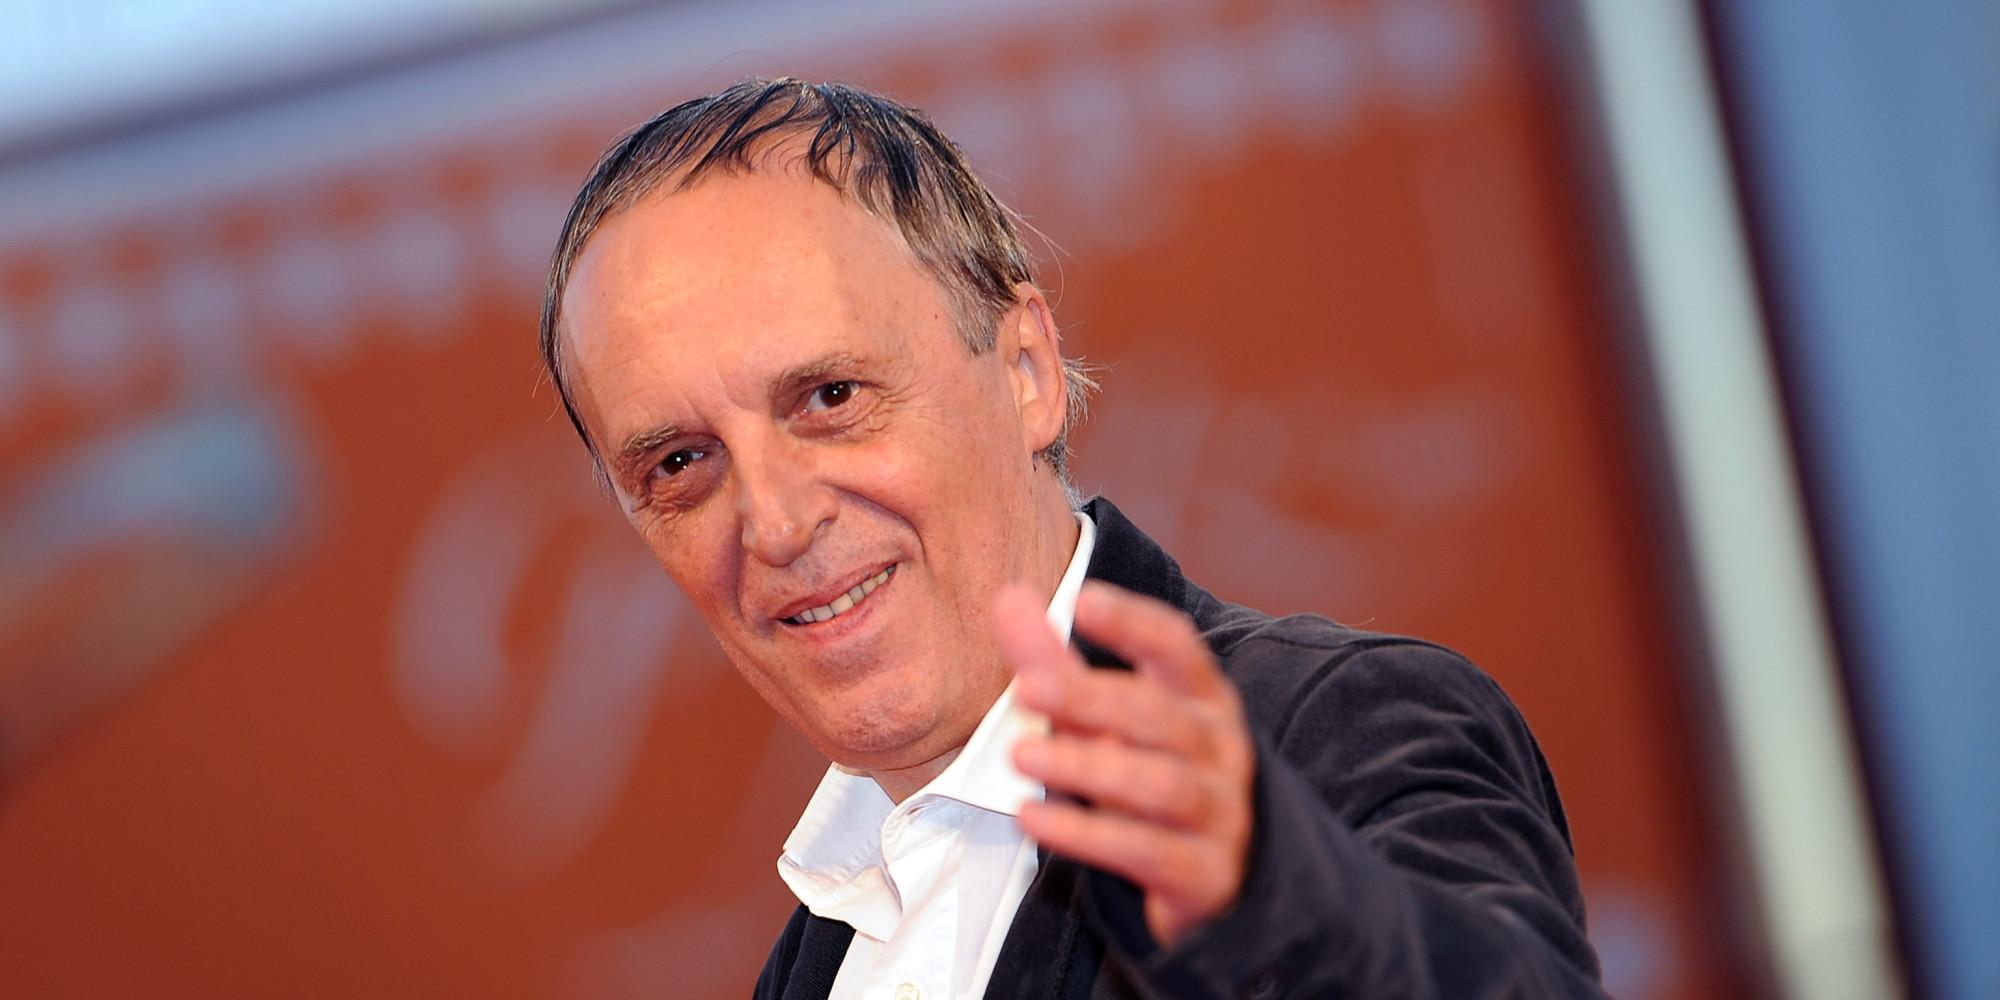 Dario argento oggi il cinema italiano mediocre for Dove ha sede il parlamento italiano